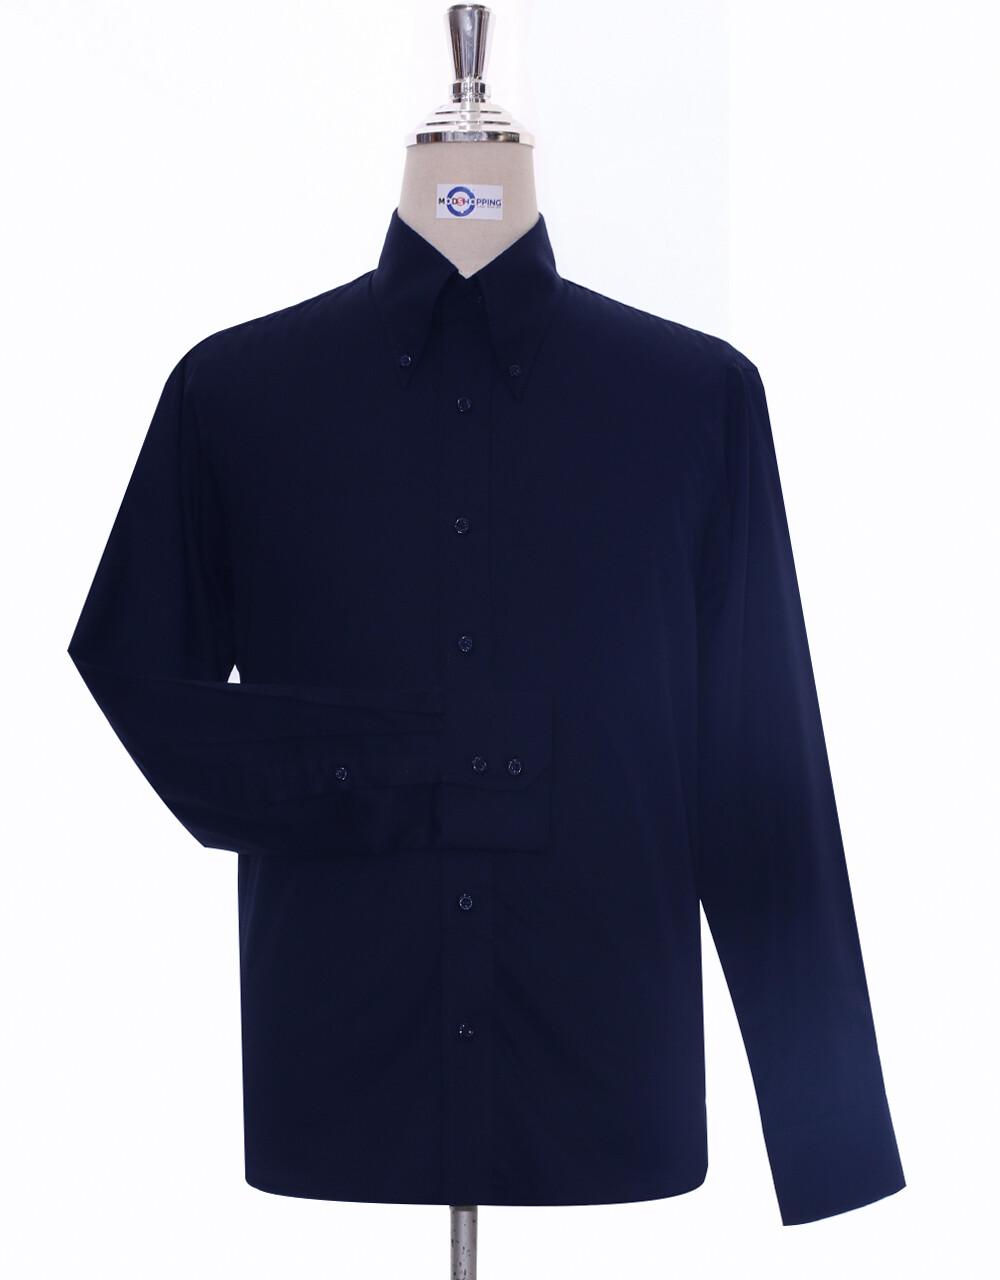 Button-Down Collar Shirt   Navy Blue Shirt For Men